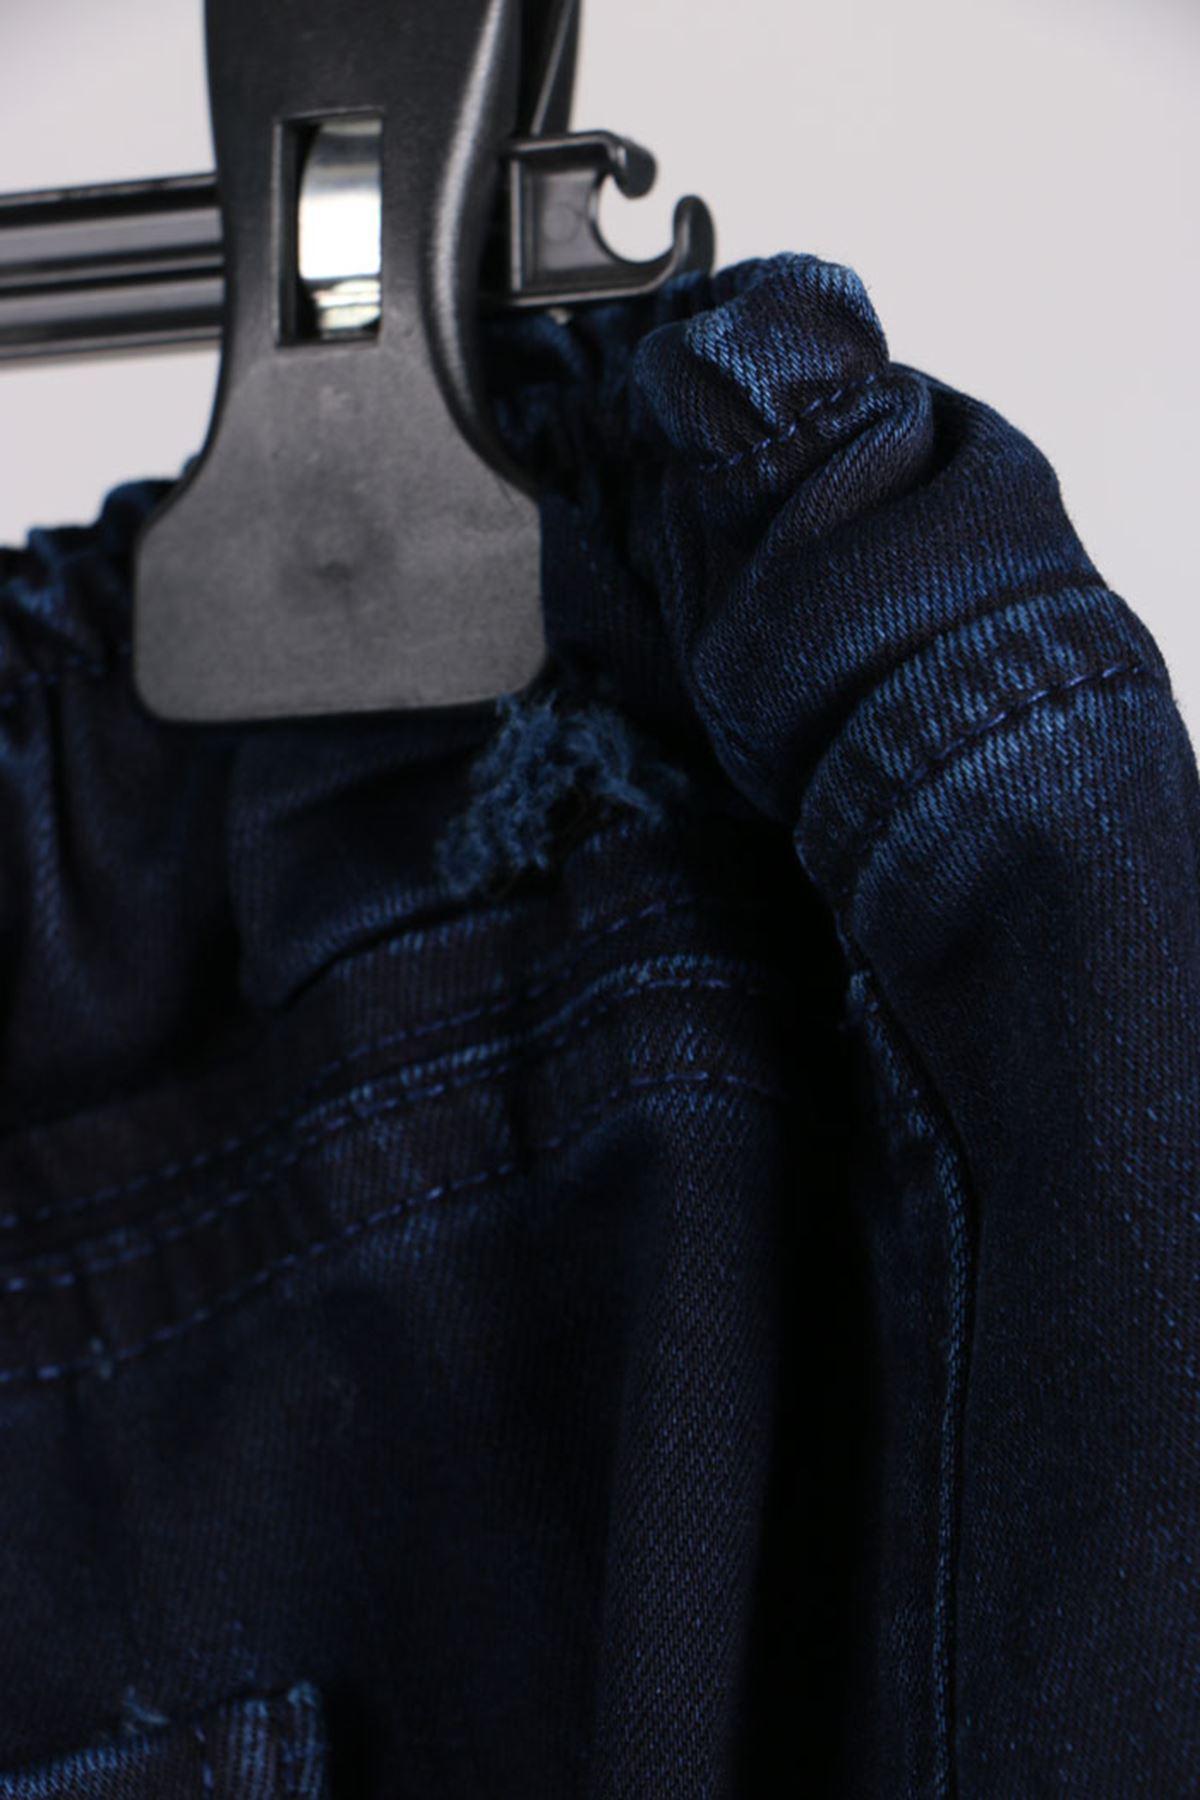 D-9136 Büyük Beden Defolu  Beli Lastikli Mom Jeans Pantolon Koyu Lacivert - Saks